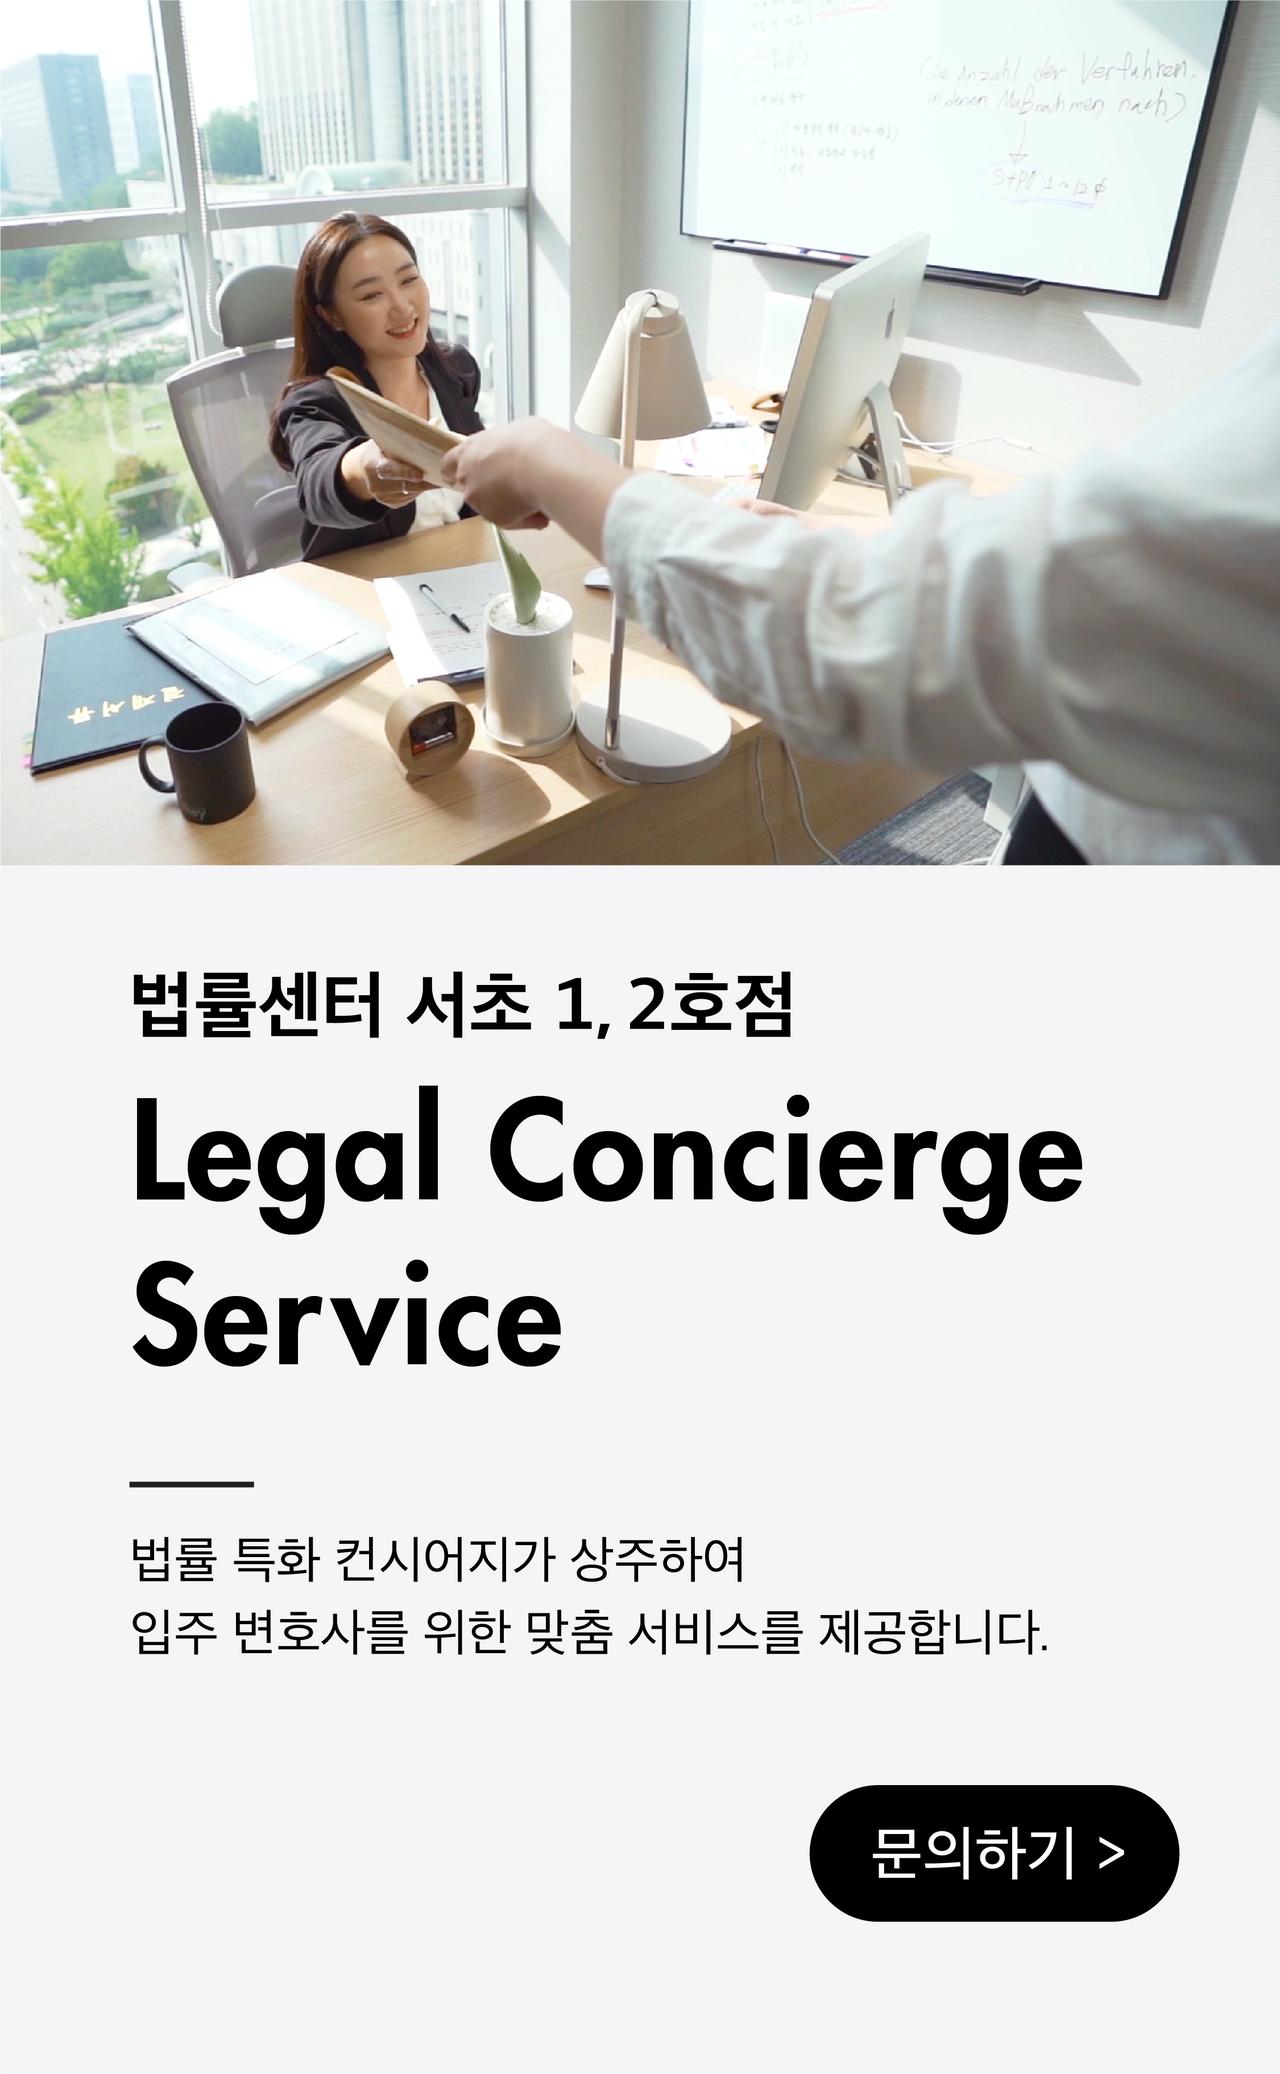 법률센터 특화 컨시어지 서비스